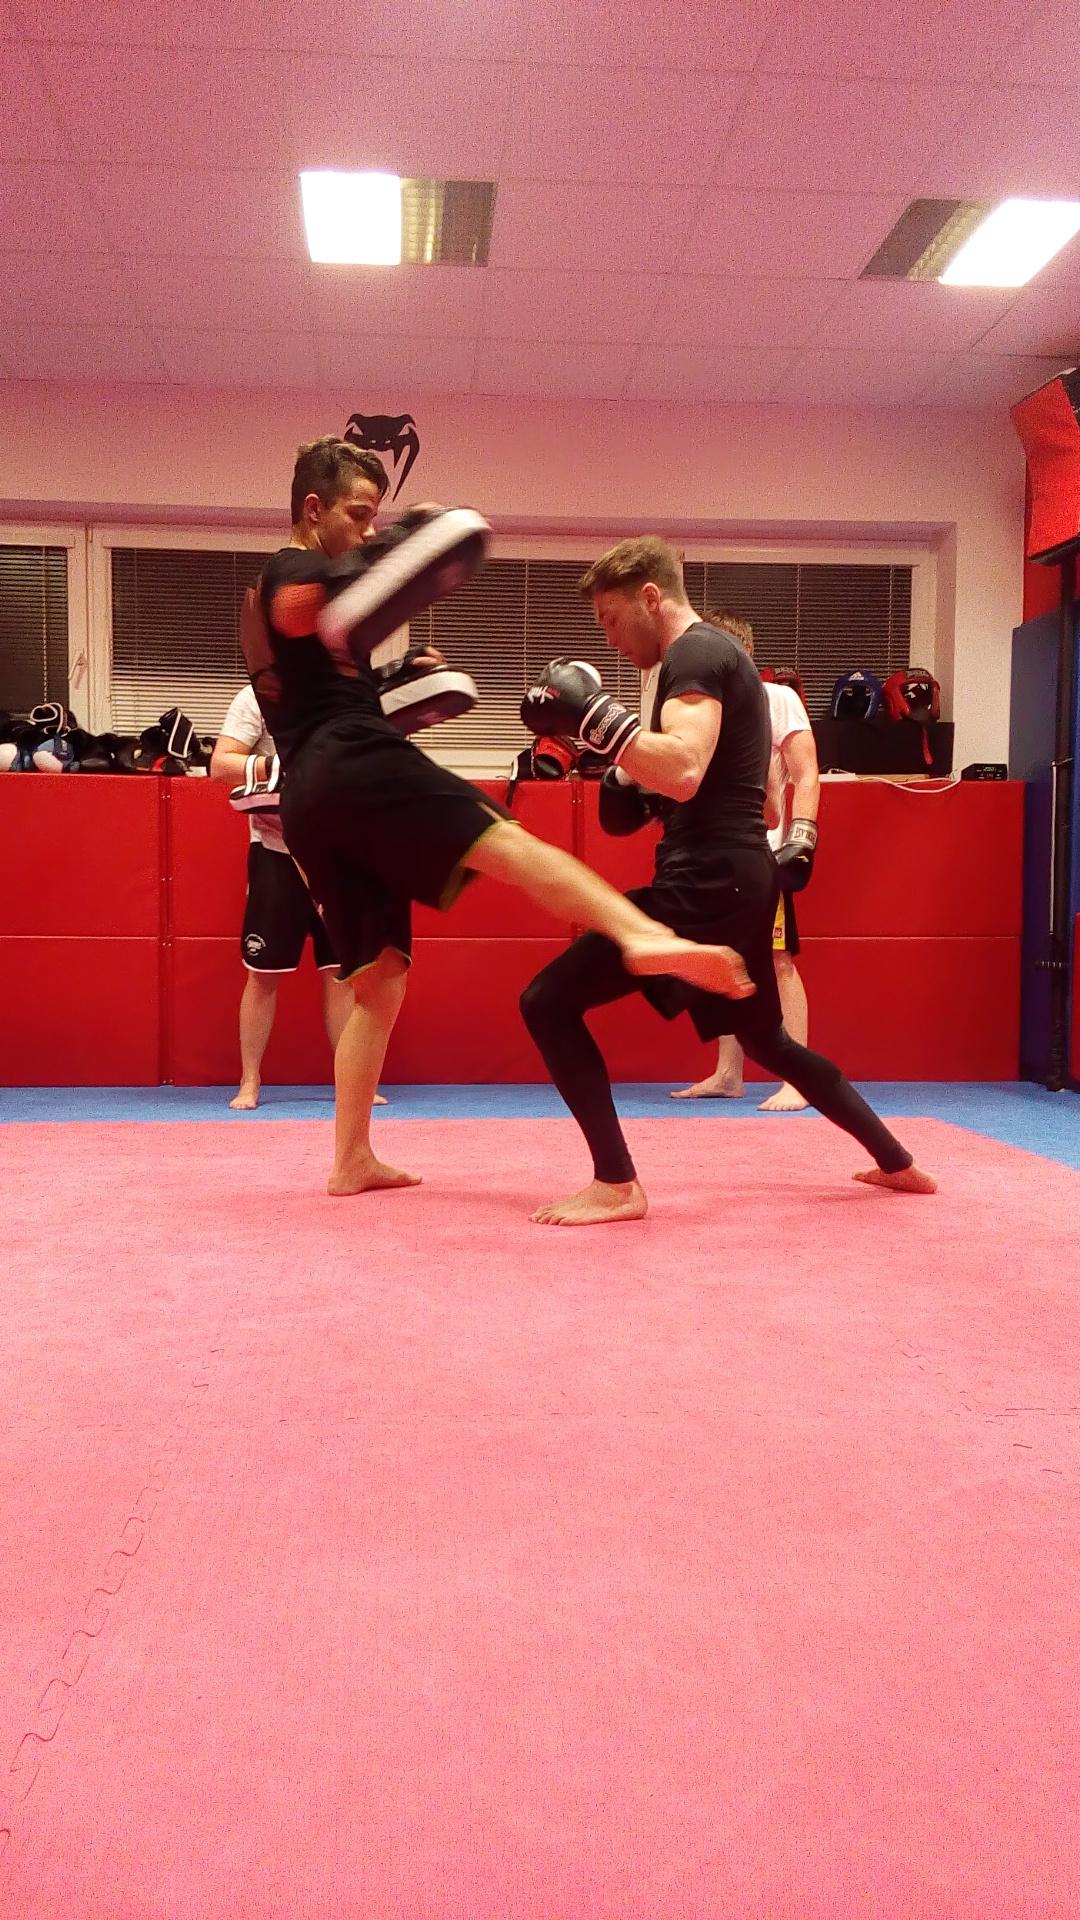 Posilovna, fitcentrum, kruhové a individuální tréninky - sportovní vyžití pro každého